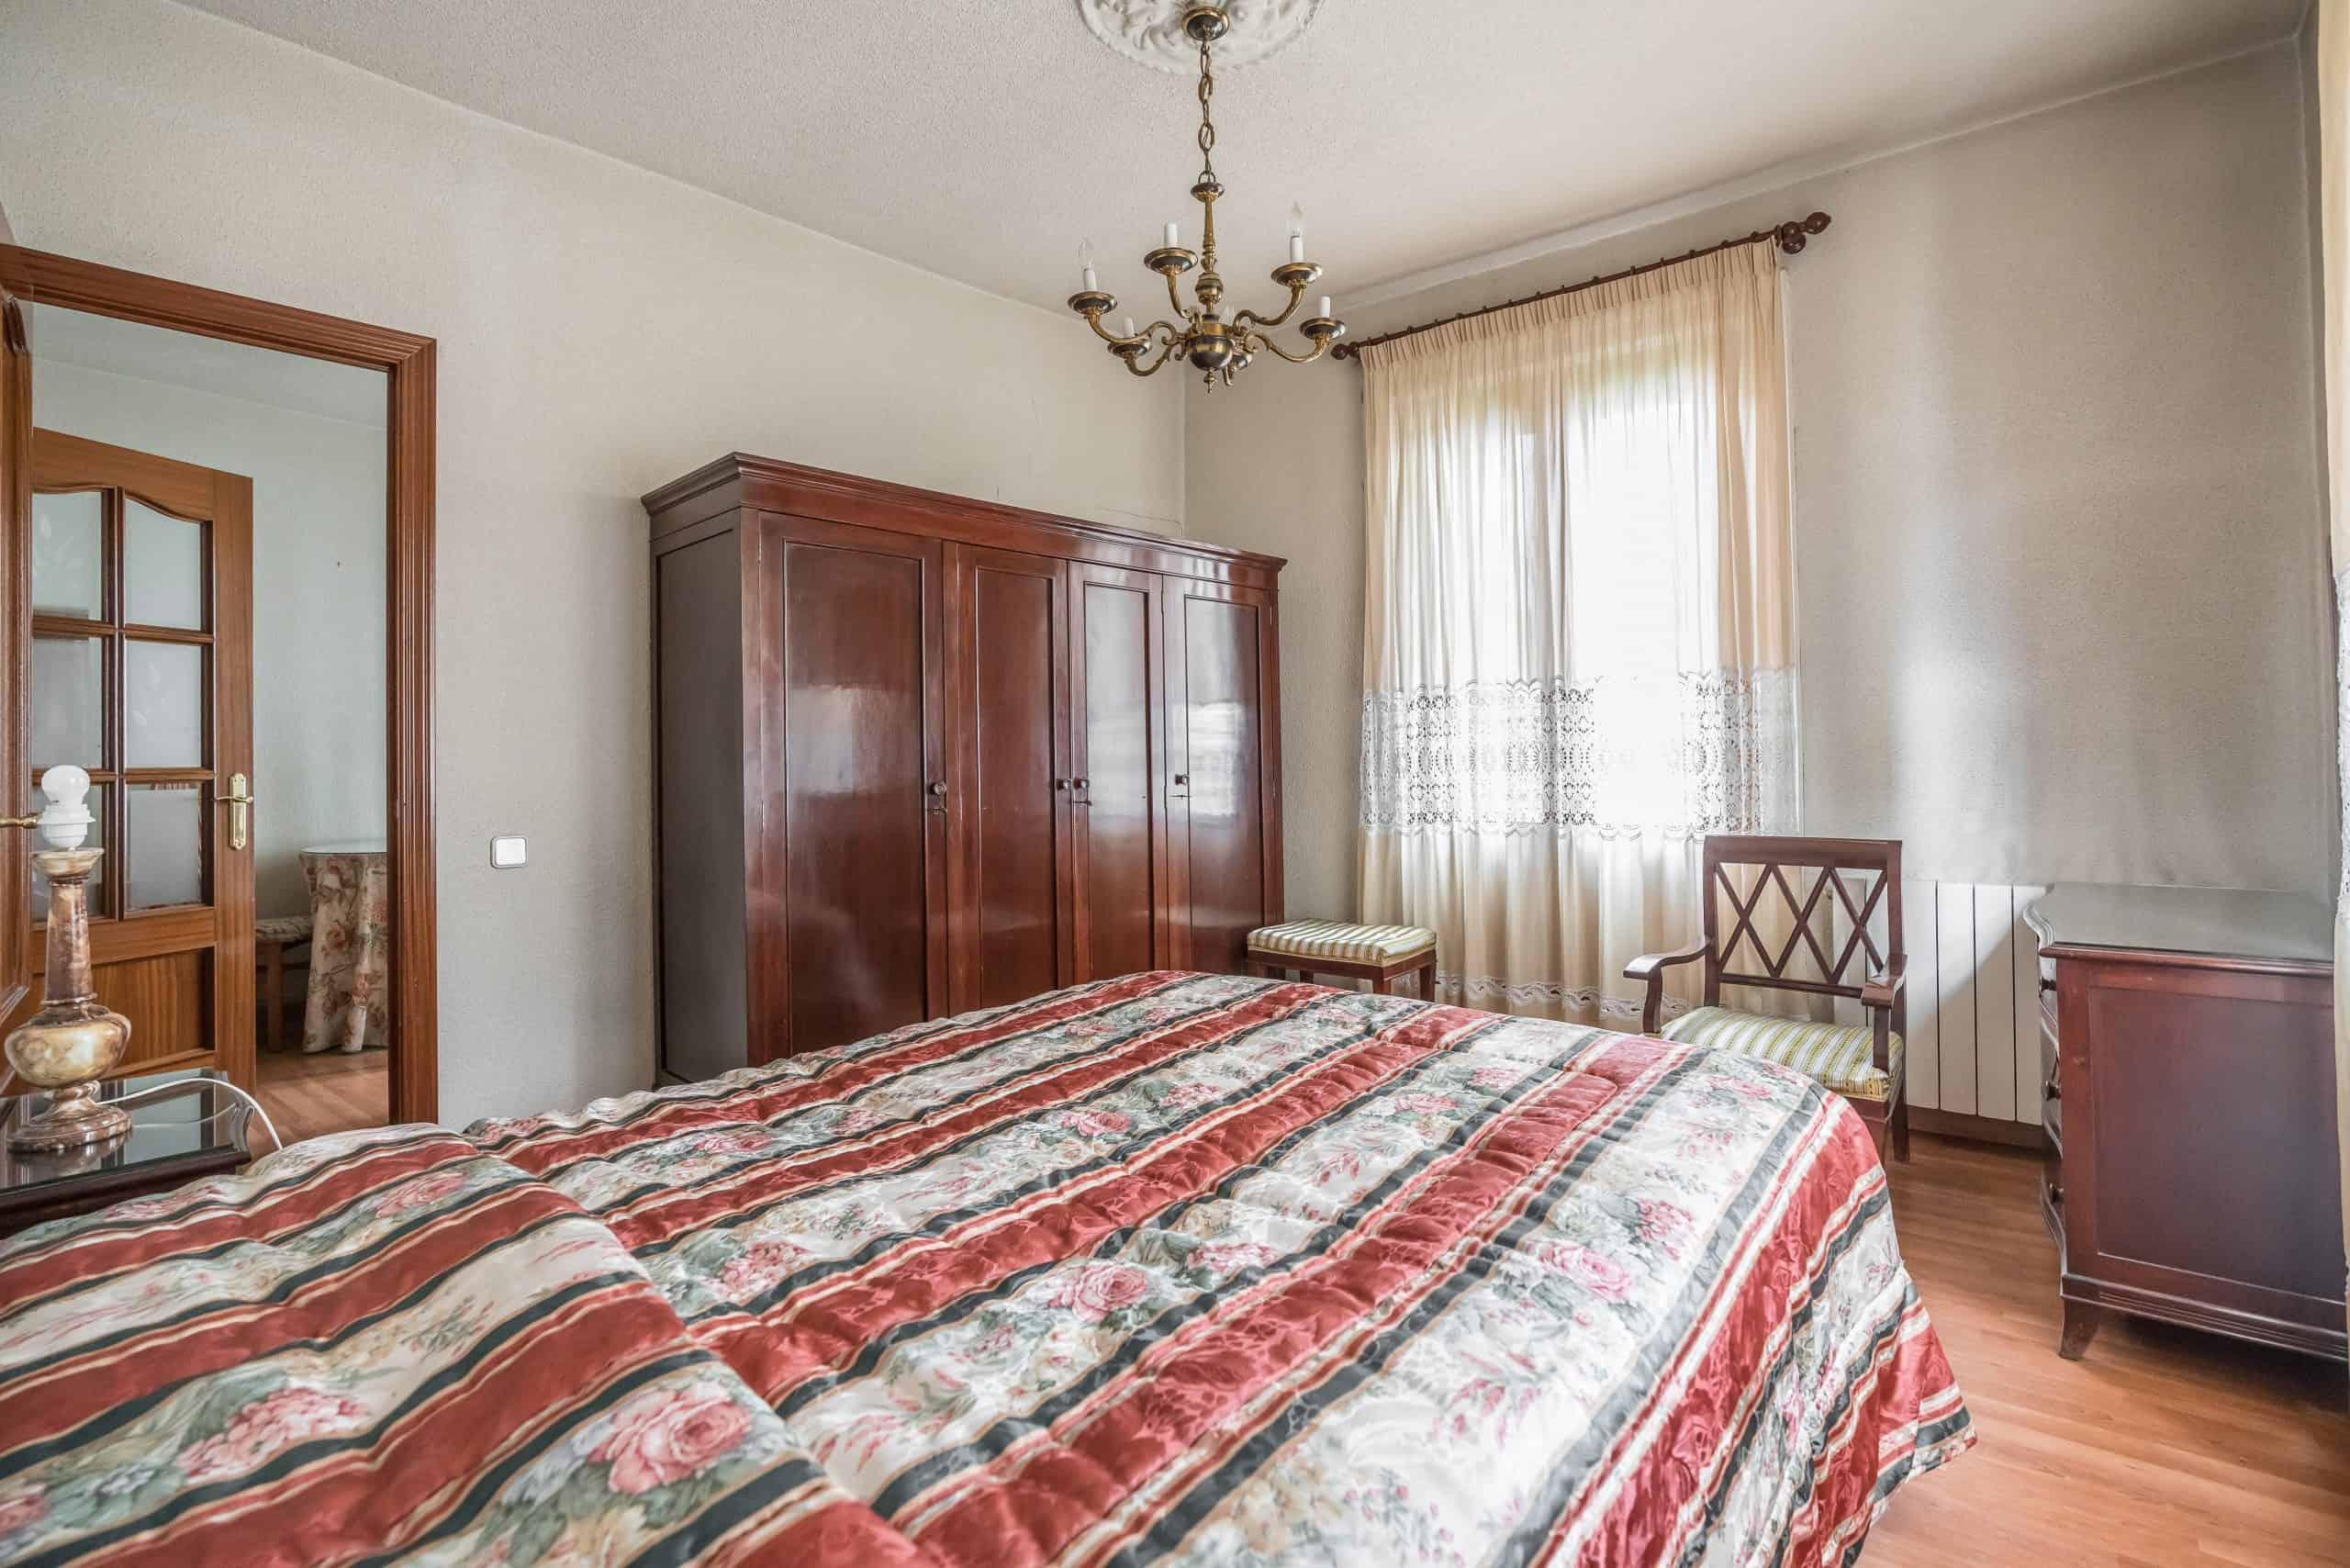 2 DORMITORIO1 (9) (Copy) Agencia Inmobiliaria de Madrid-FUTUROCASA-Zona ARGANZUELA-